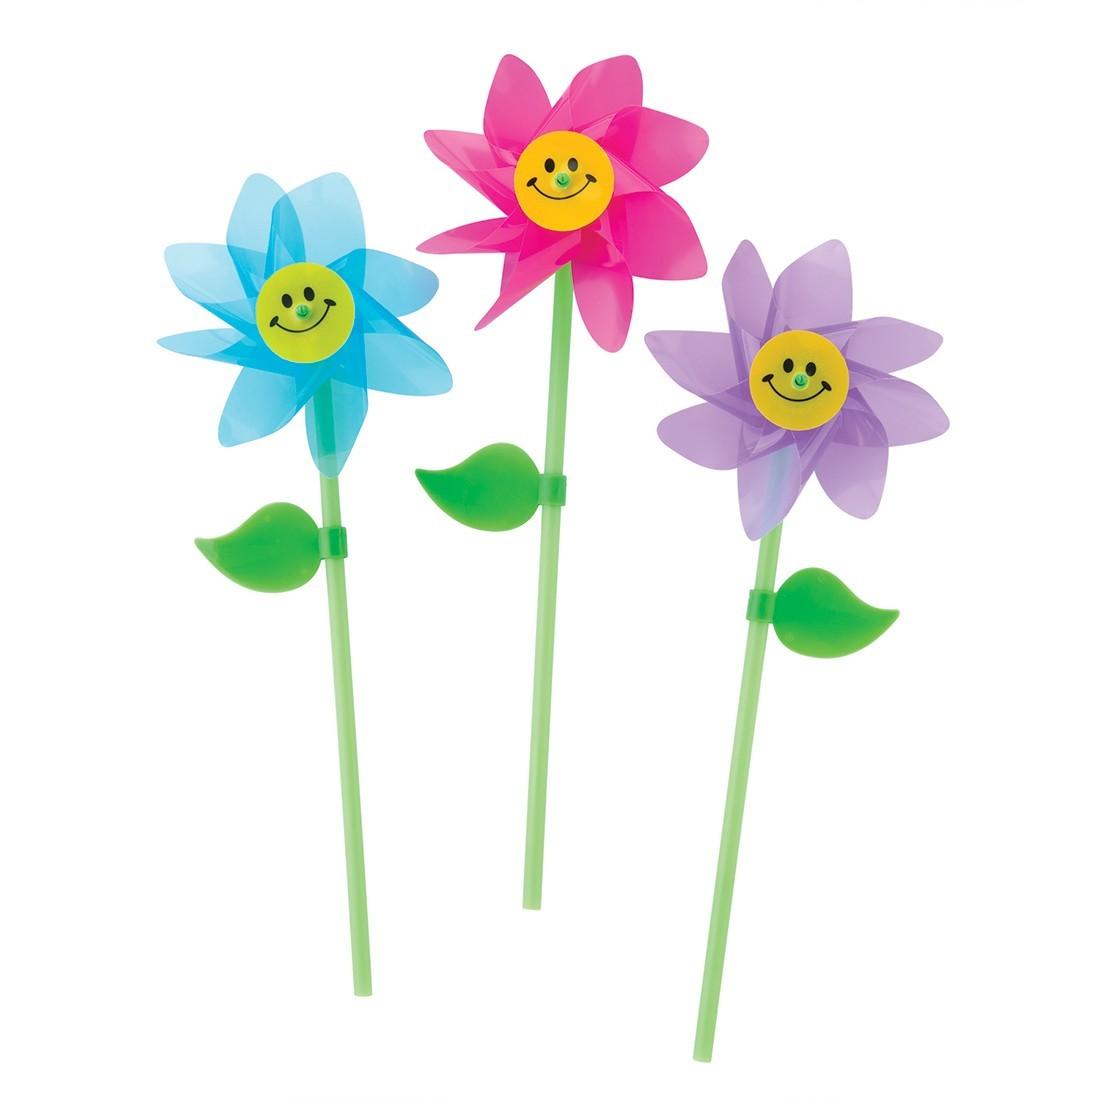 Happy Flower Pinwheels [image]